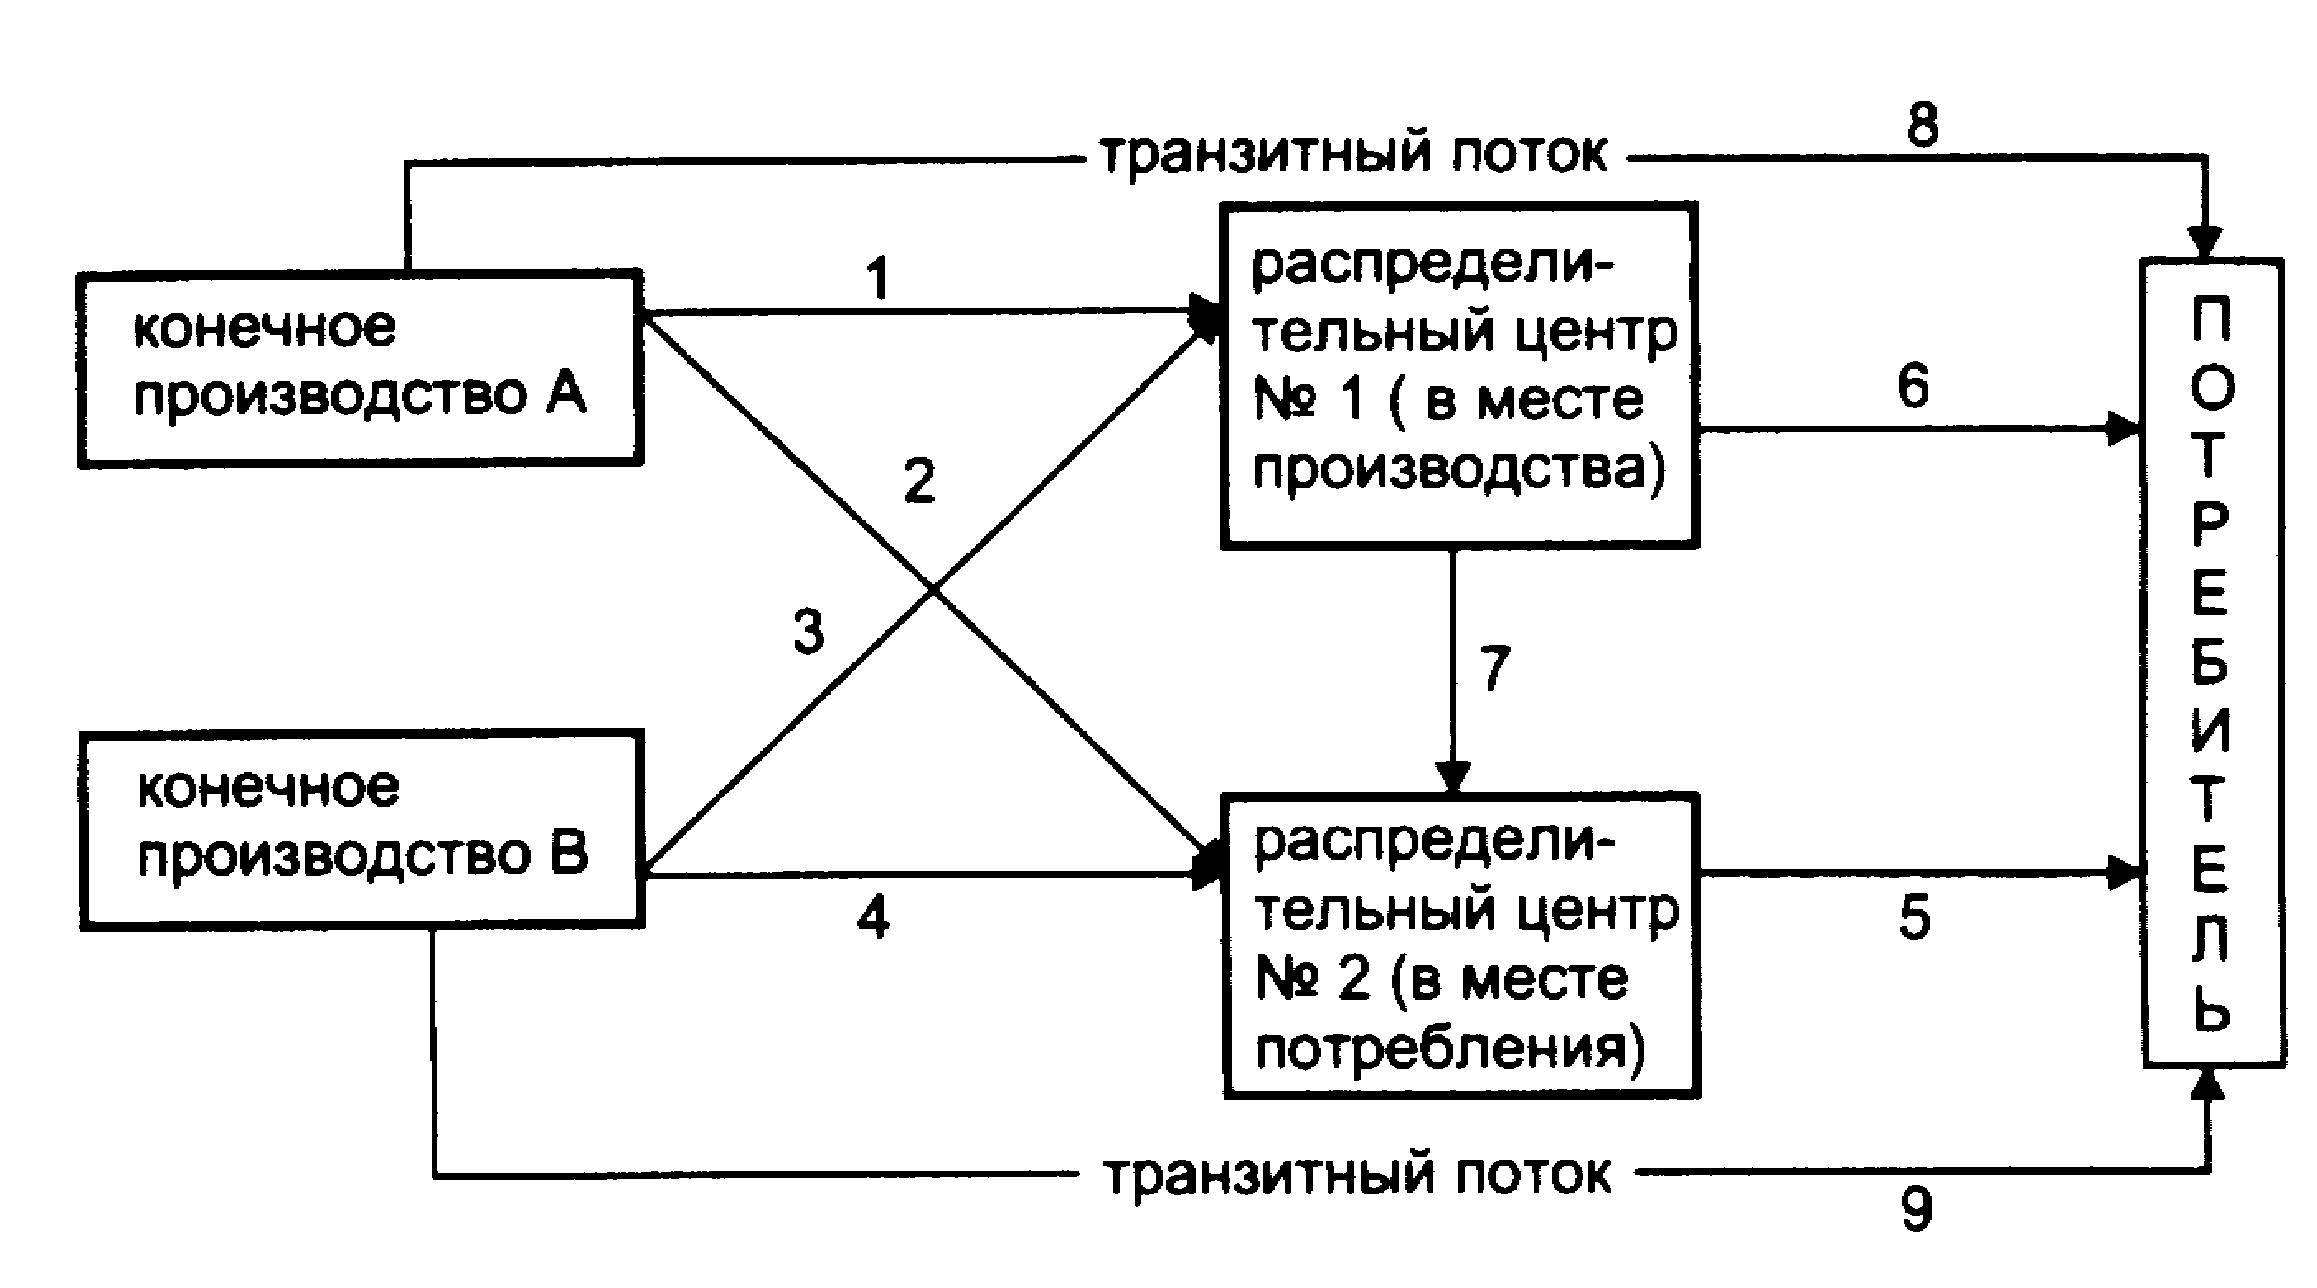 структурная схема предприятия логистики